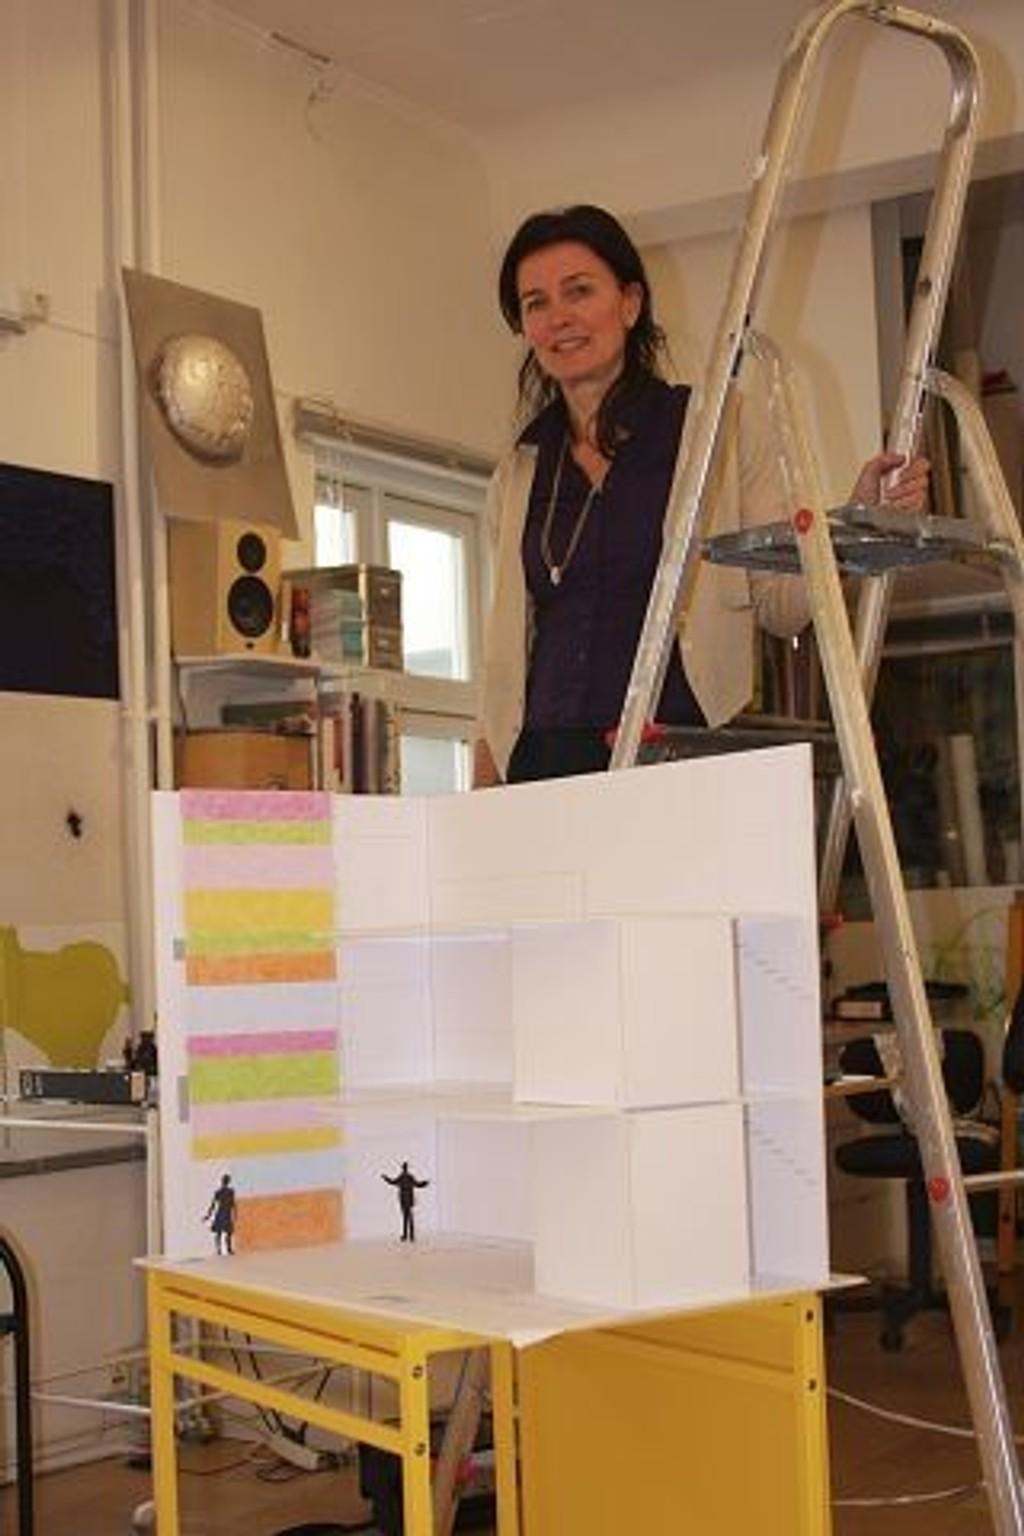 Det blir ingen sommerferie på Katrine Giæver, som skal dekorere inngangspartiet til nye MArienlyst skole.FOTO: ERIK TANGEN